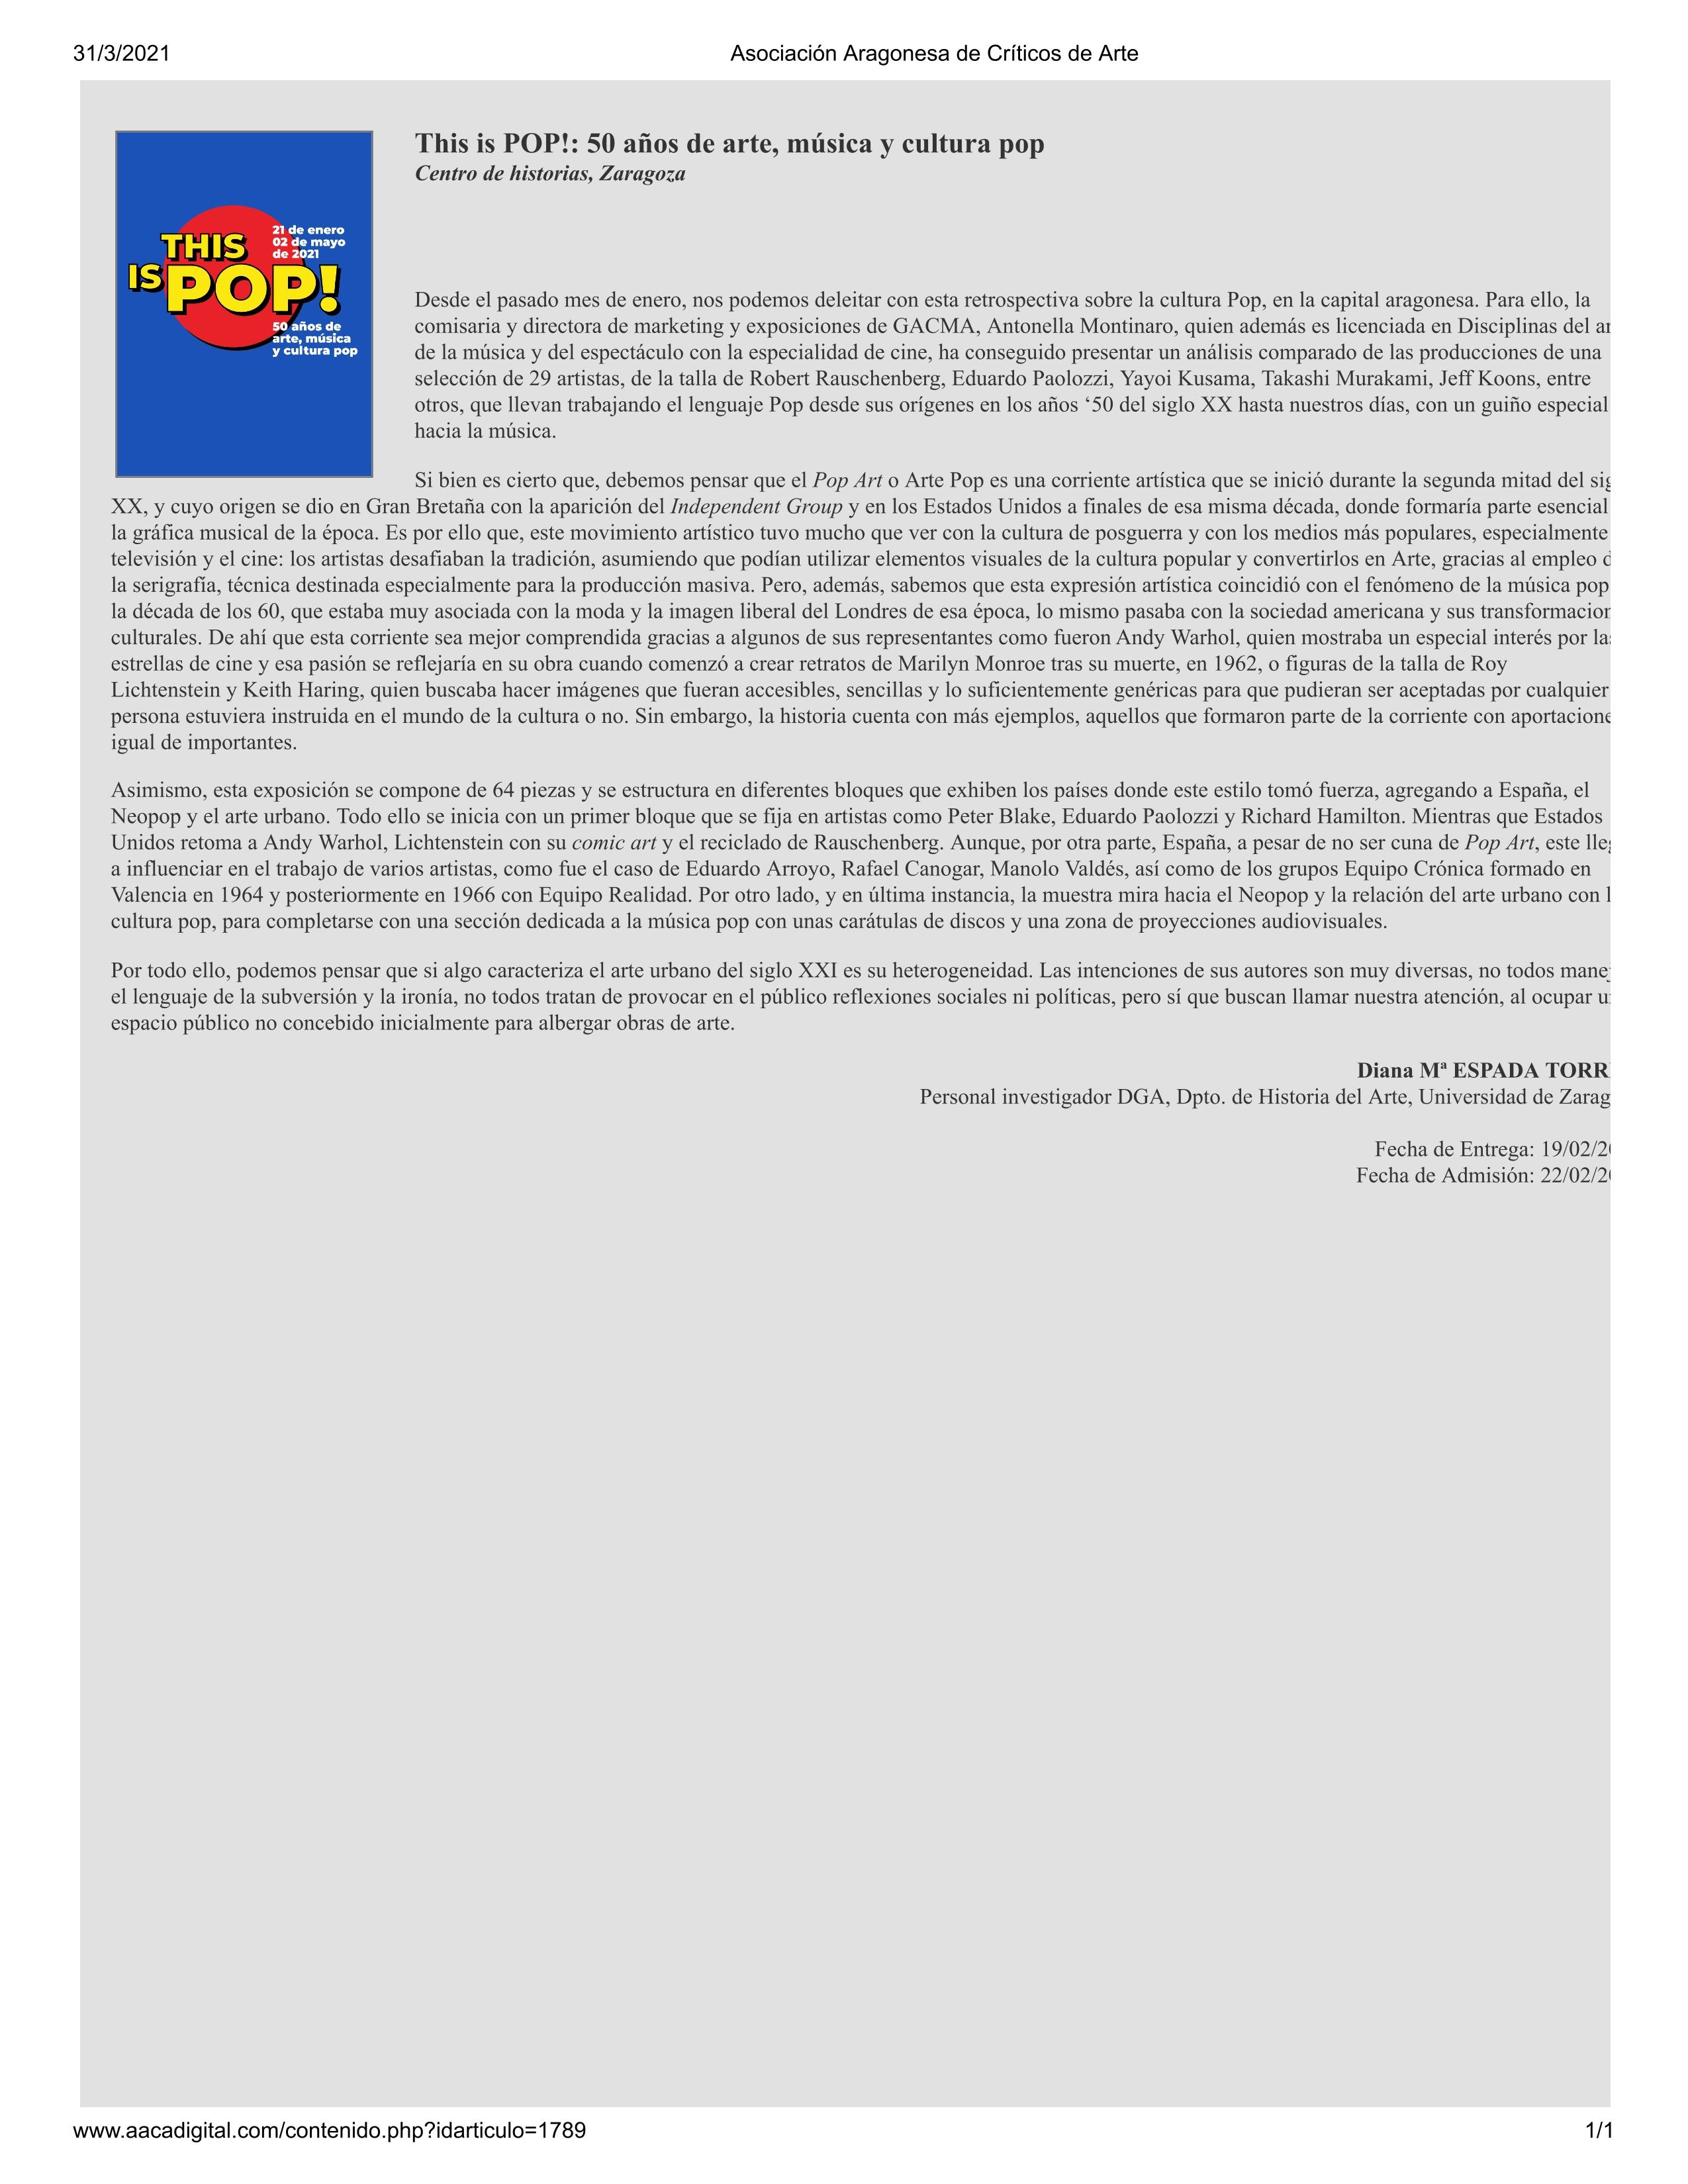 This is POP!: 50 años de arte, música y cultura pop